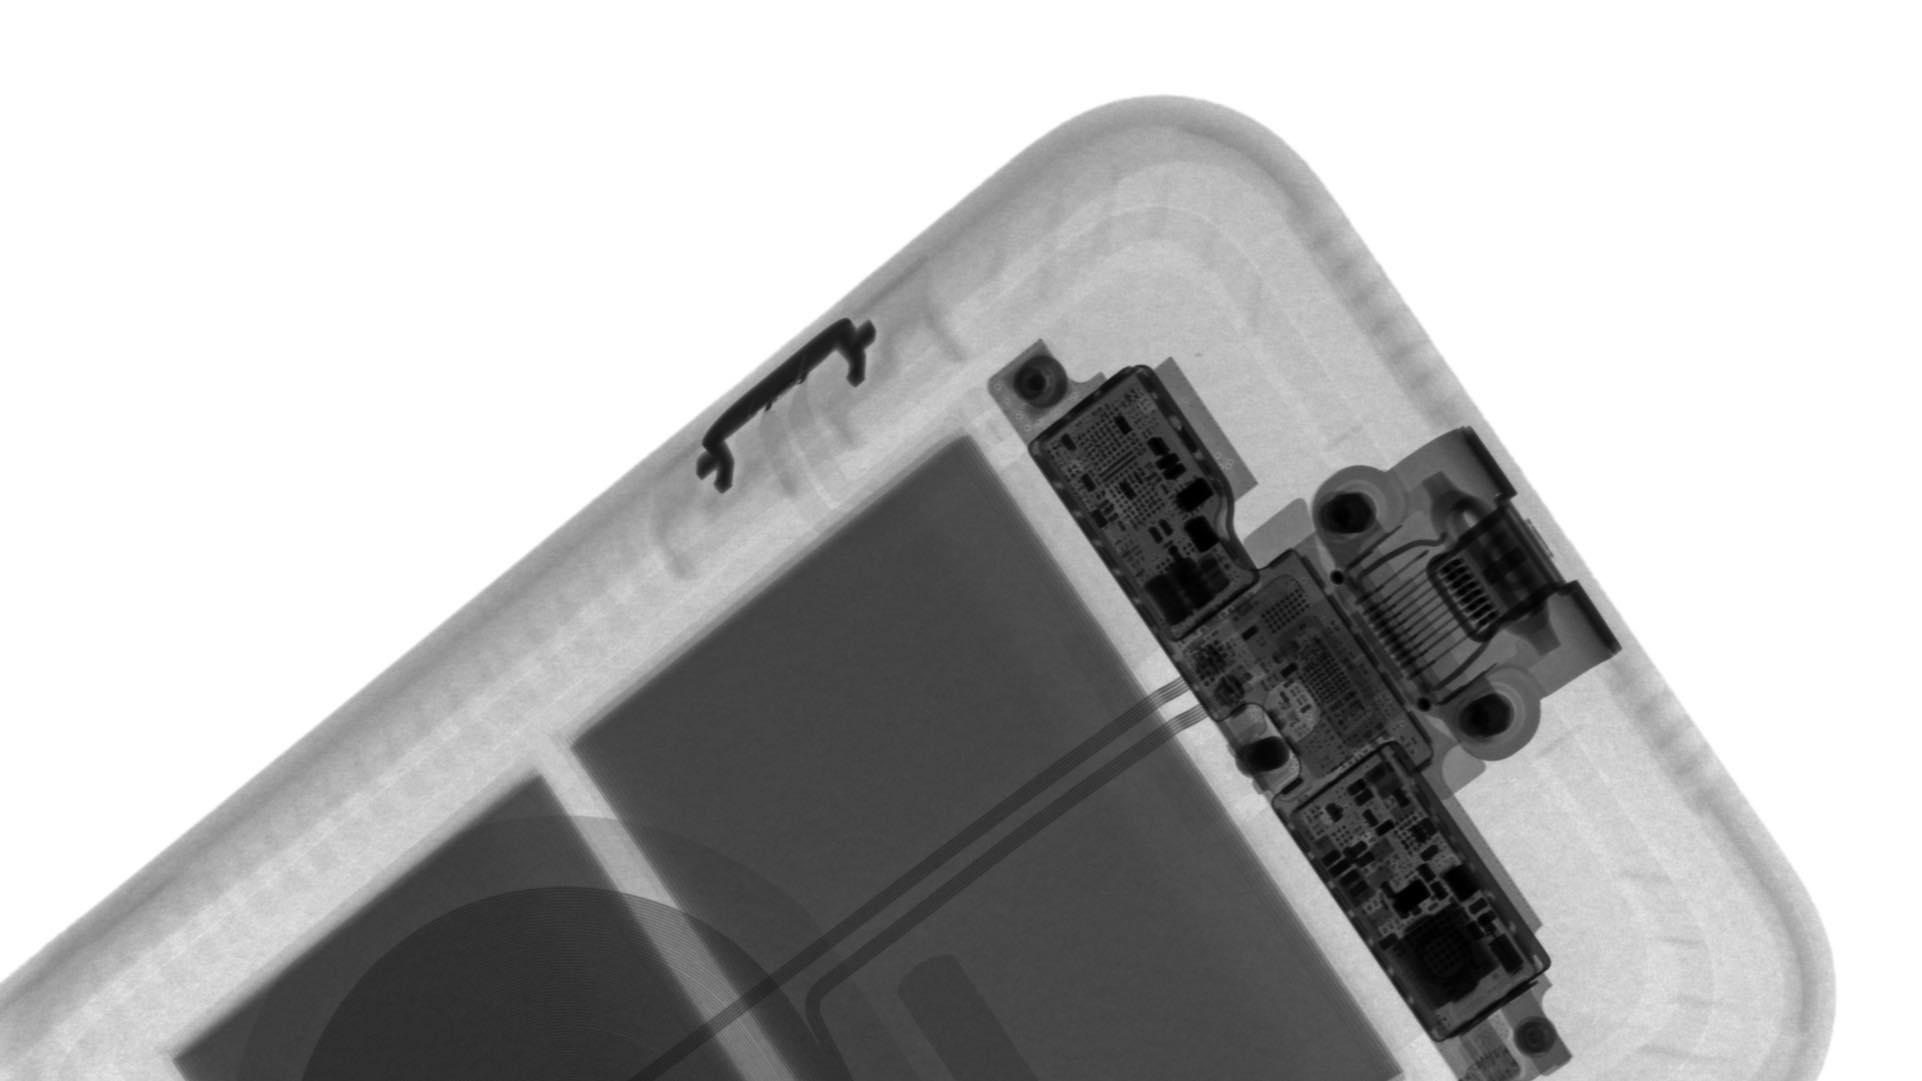 Smart Battery Case del iPhone 11 vista a rayos x